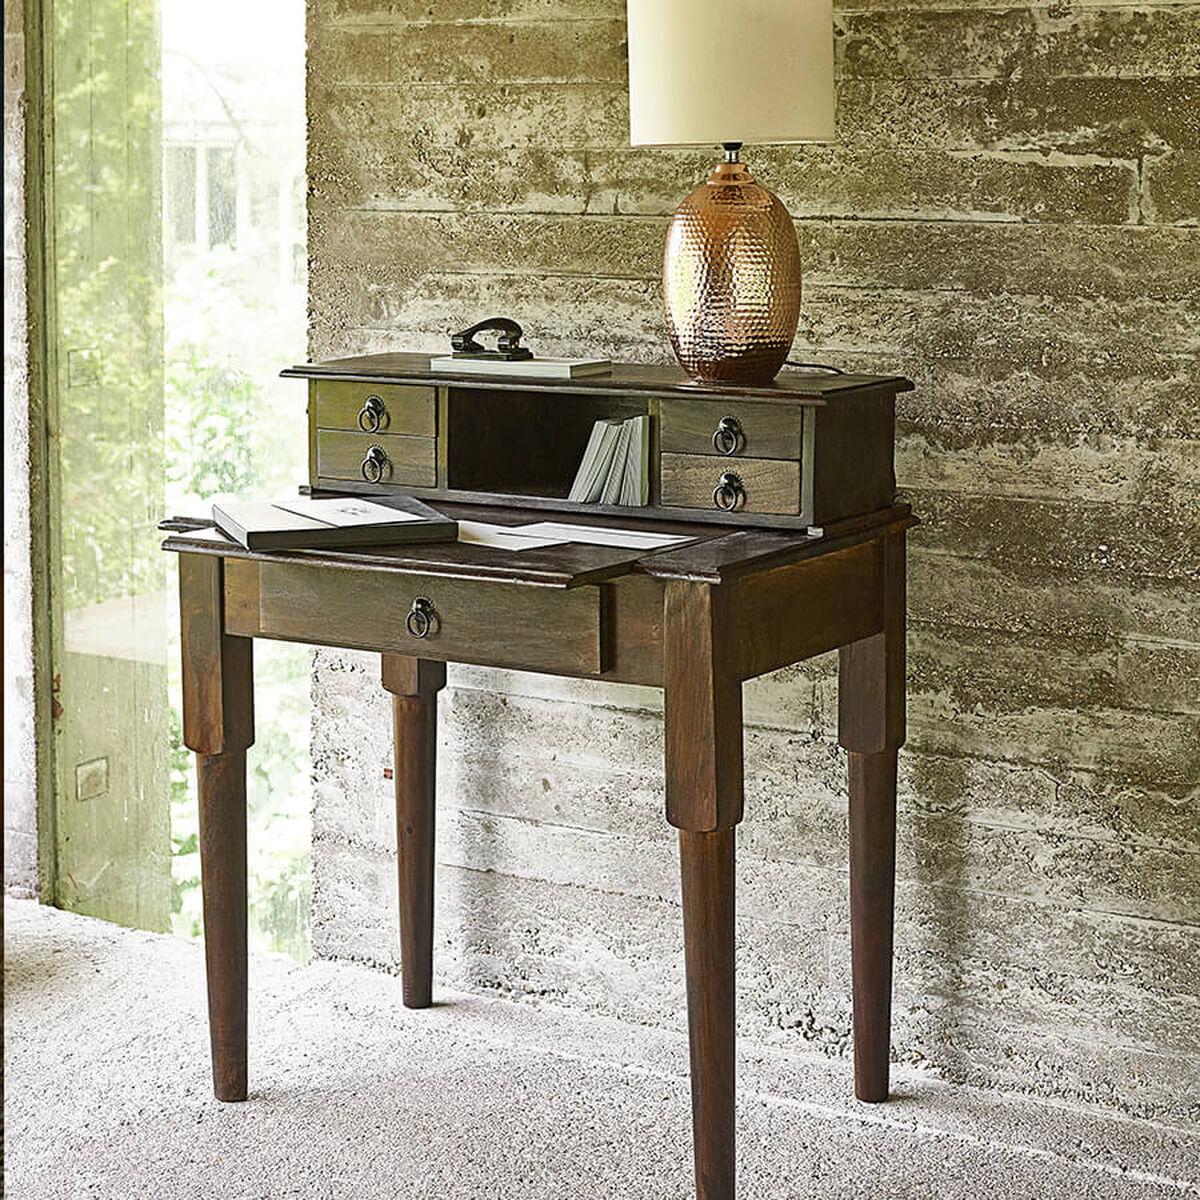 sekret re sekret r modern oder klassisch butlers. Black Bedroom Furniture Sets. Home Design Ideas